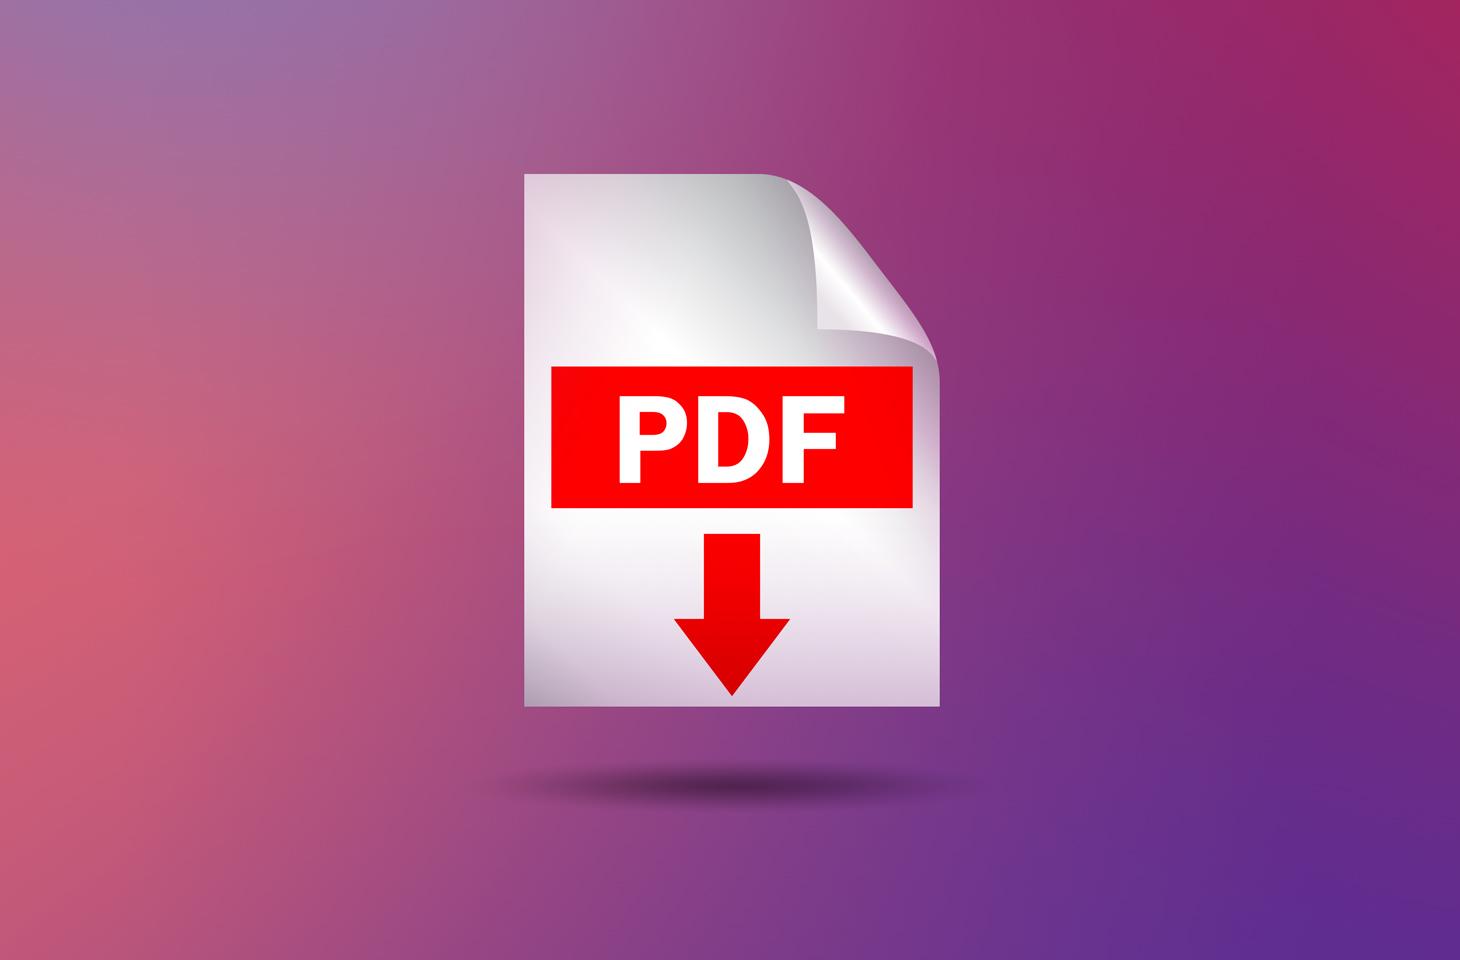 Piratage du chiffrement des fichiers PDF | Blog officiel de Kaspersky